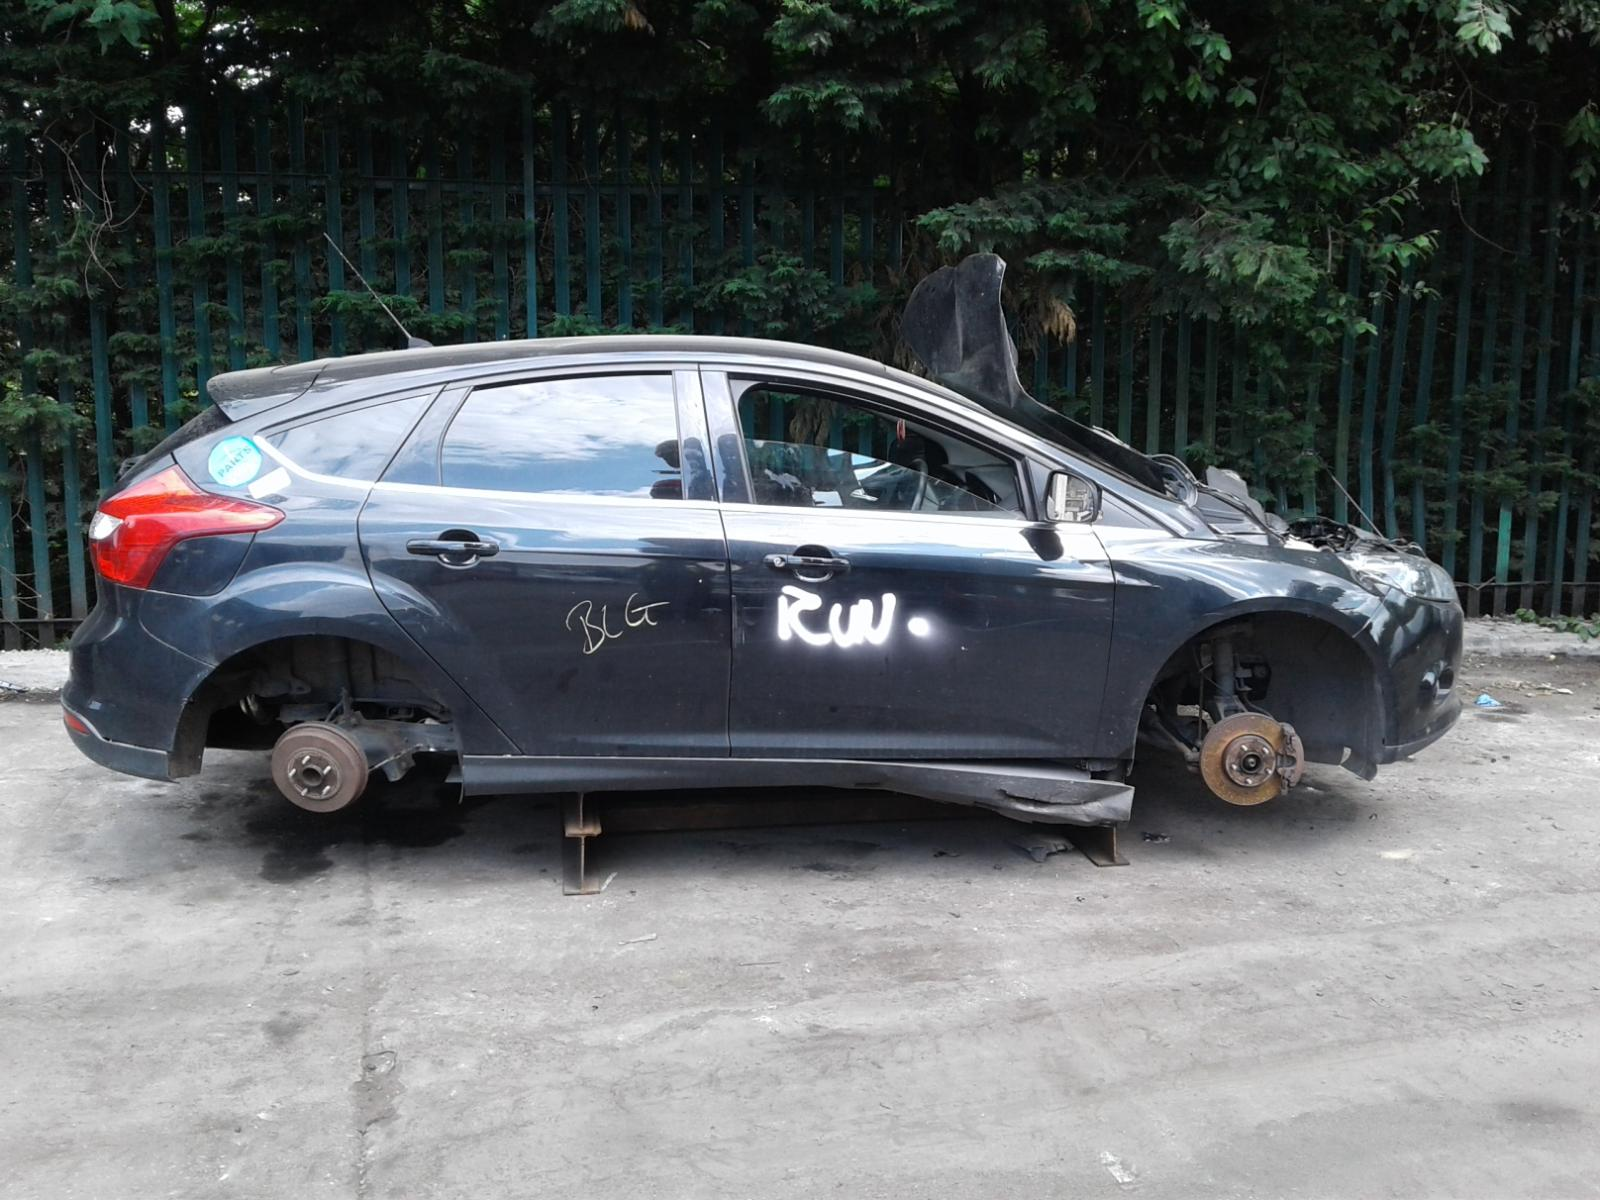 Image for a FORD FOCUS 2013 5 Door Hatchback